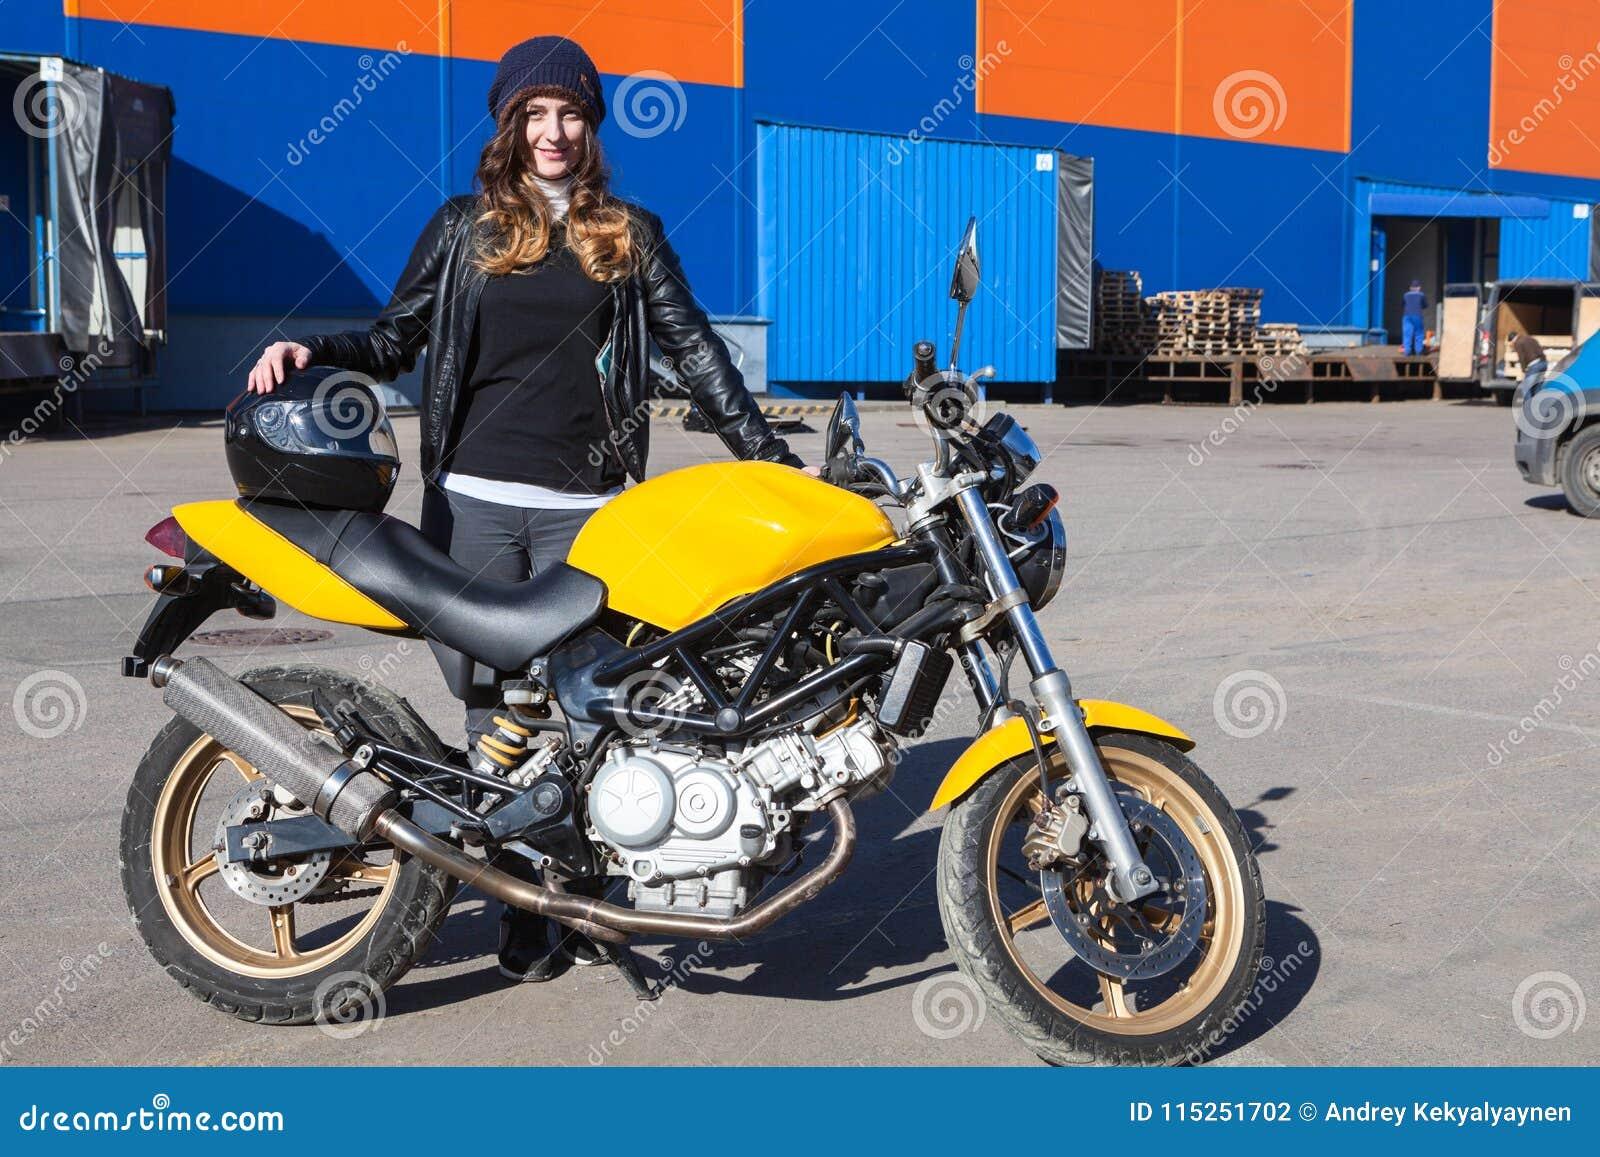 相当有她的被交付的摩托车的愉快的妇女在货物公司仓库旁边站立,接受自行车